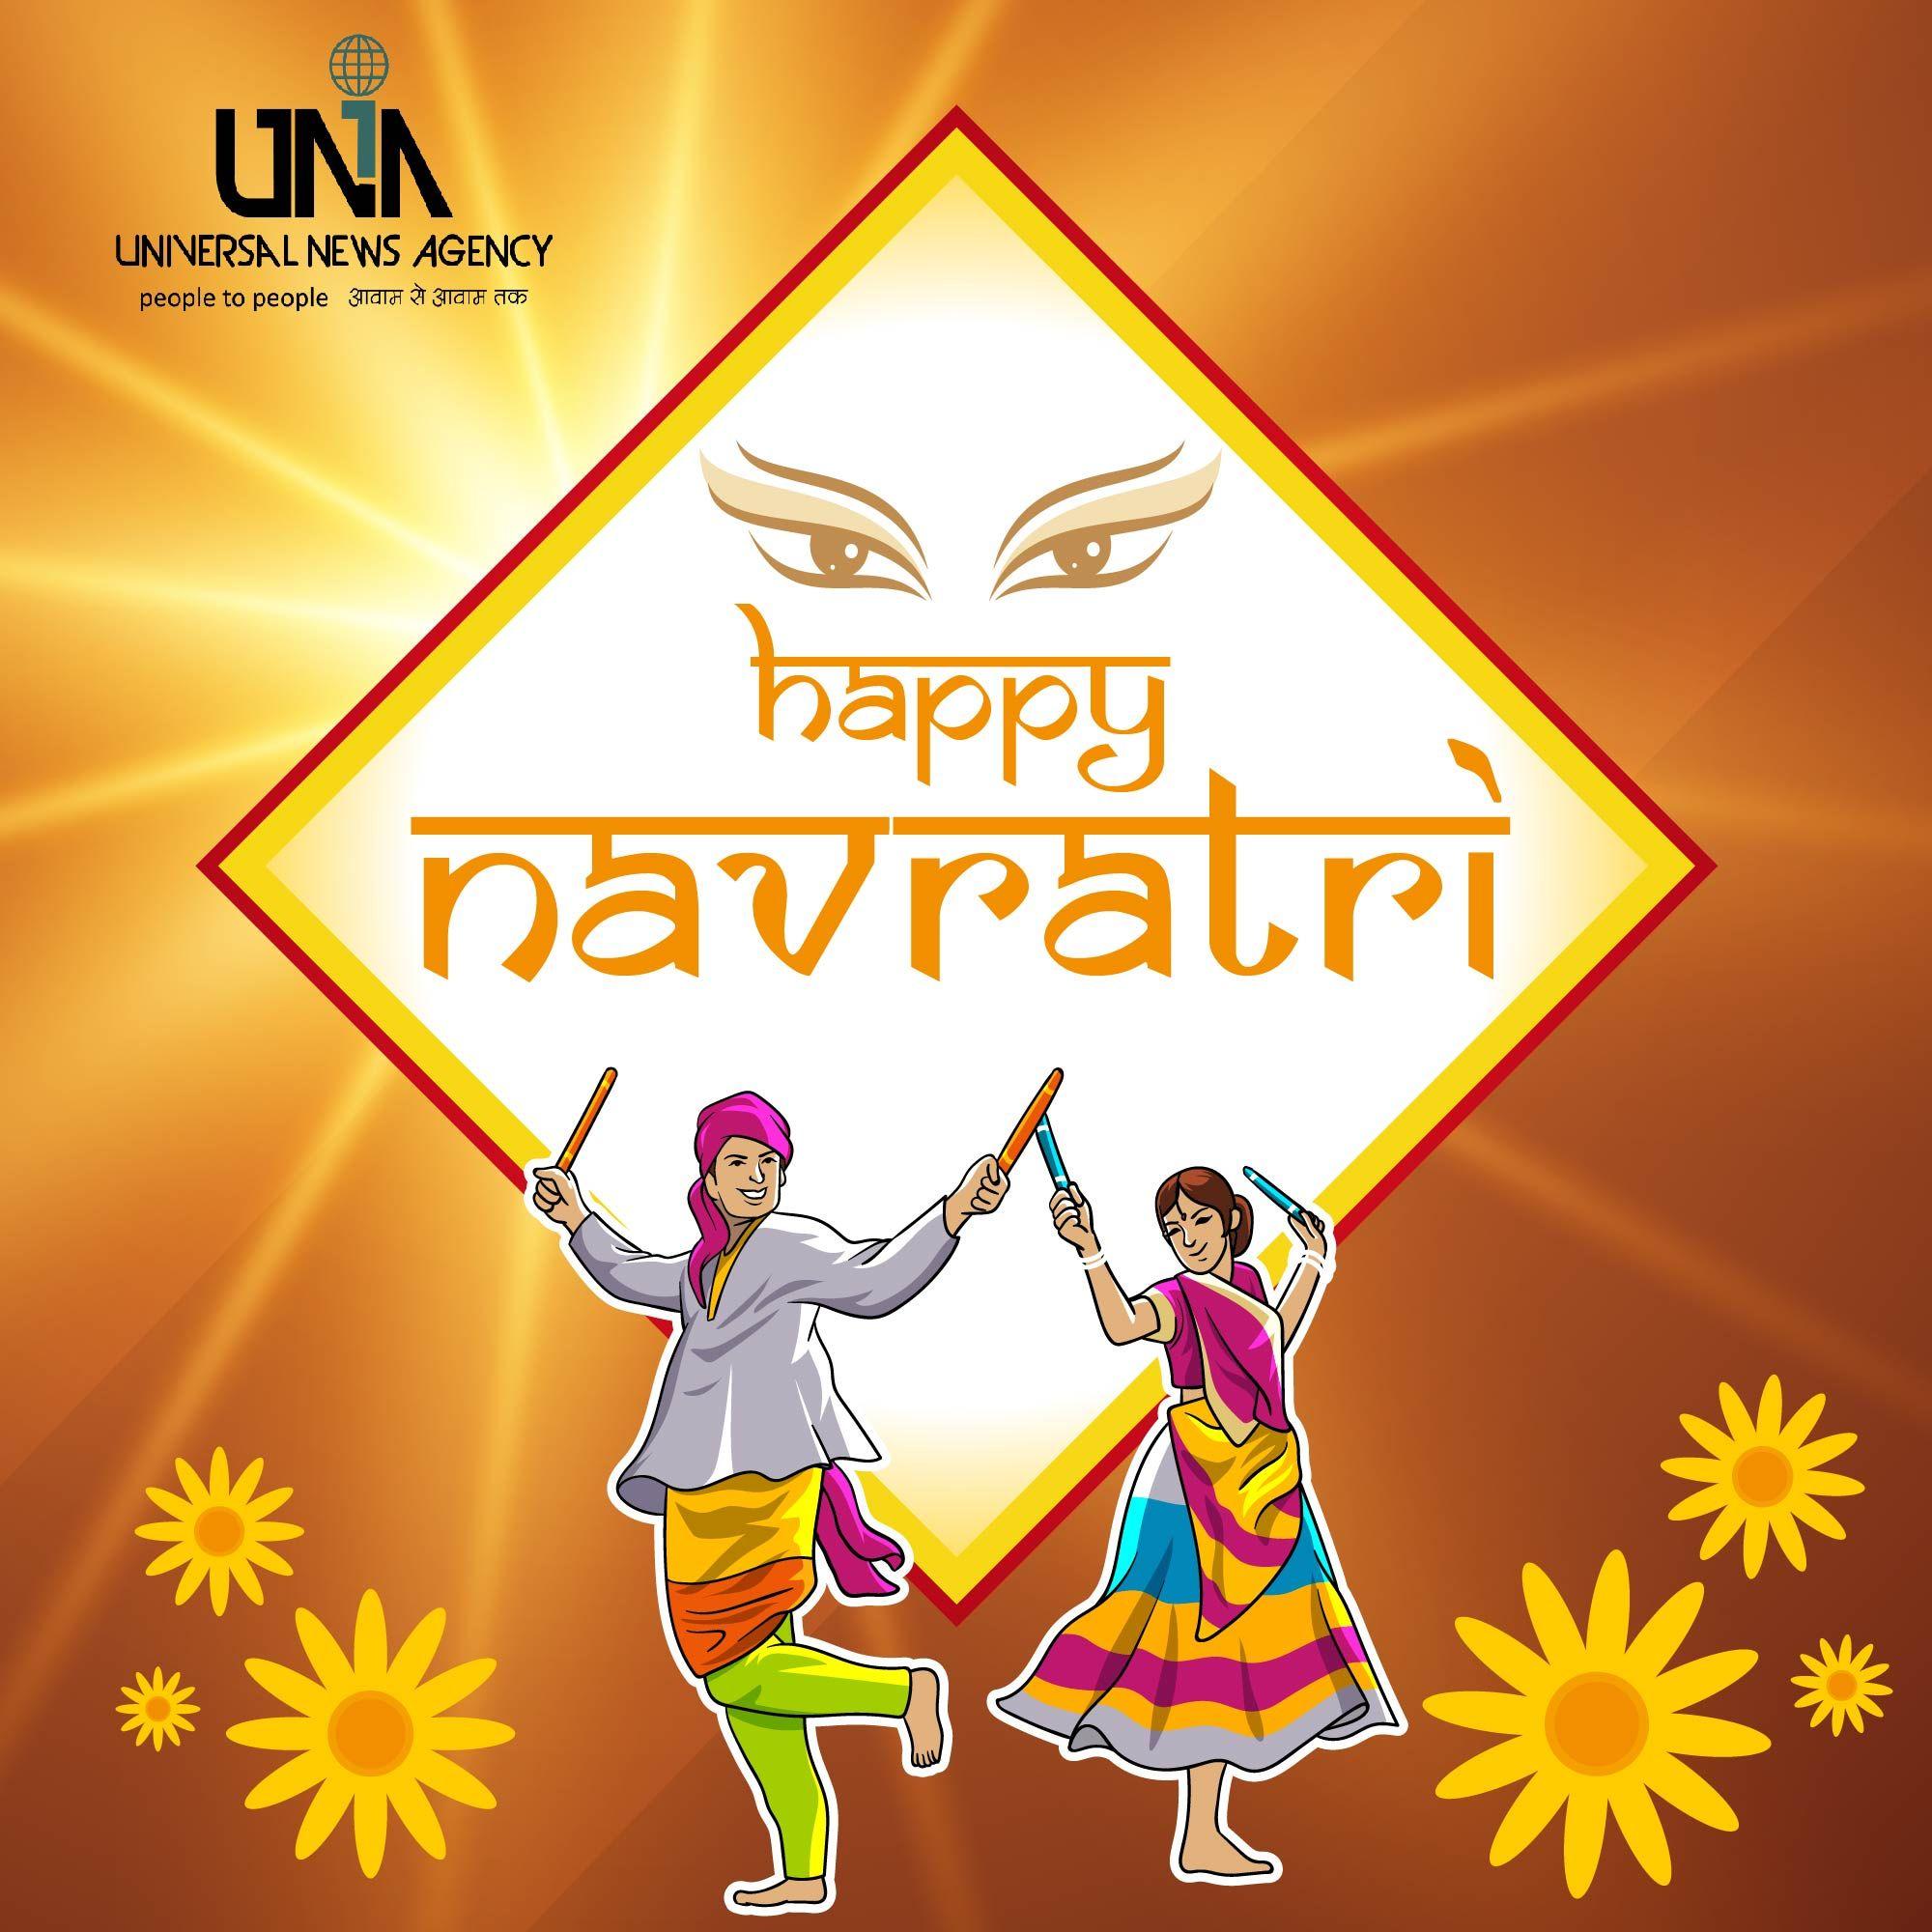 नवरात्र पर विशेष  17 साल लगे थे त्रिपुर सुंदरी माई के मंदिर निर्माण में